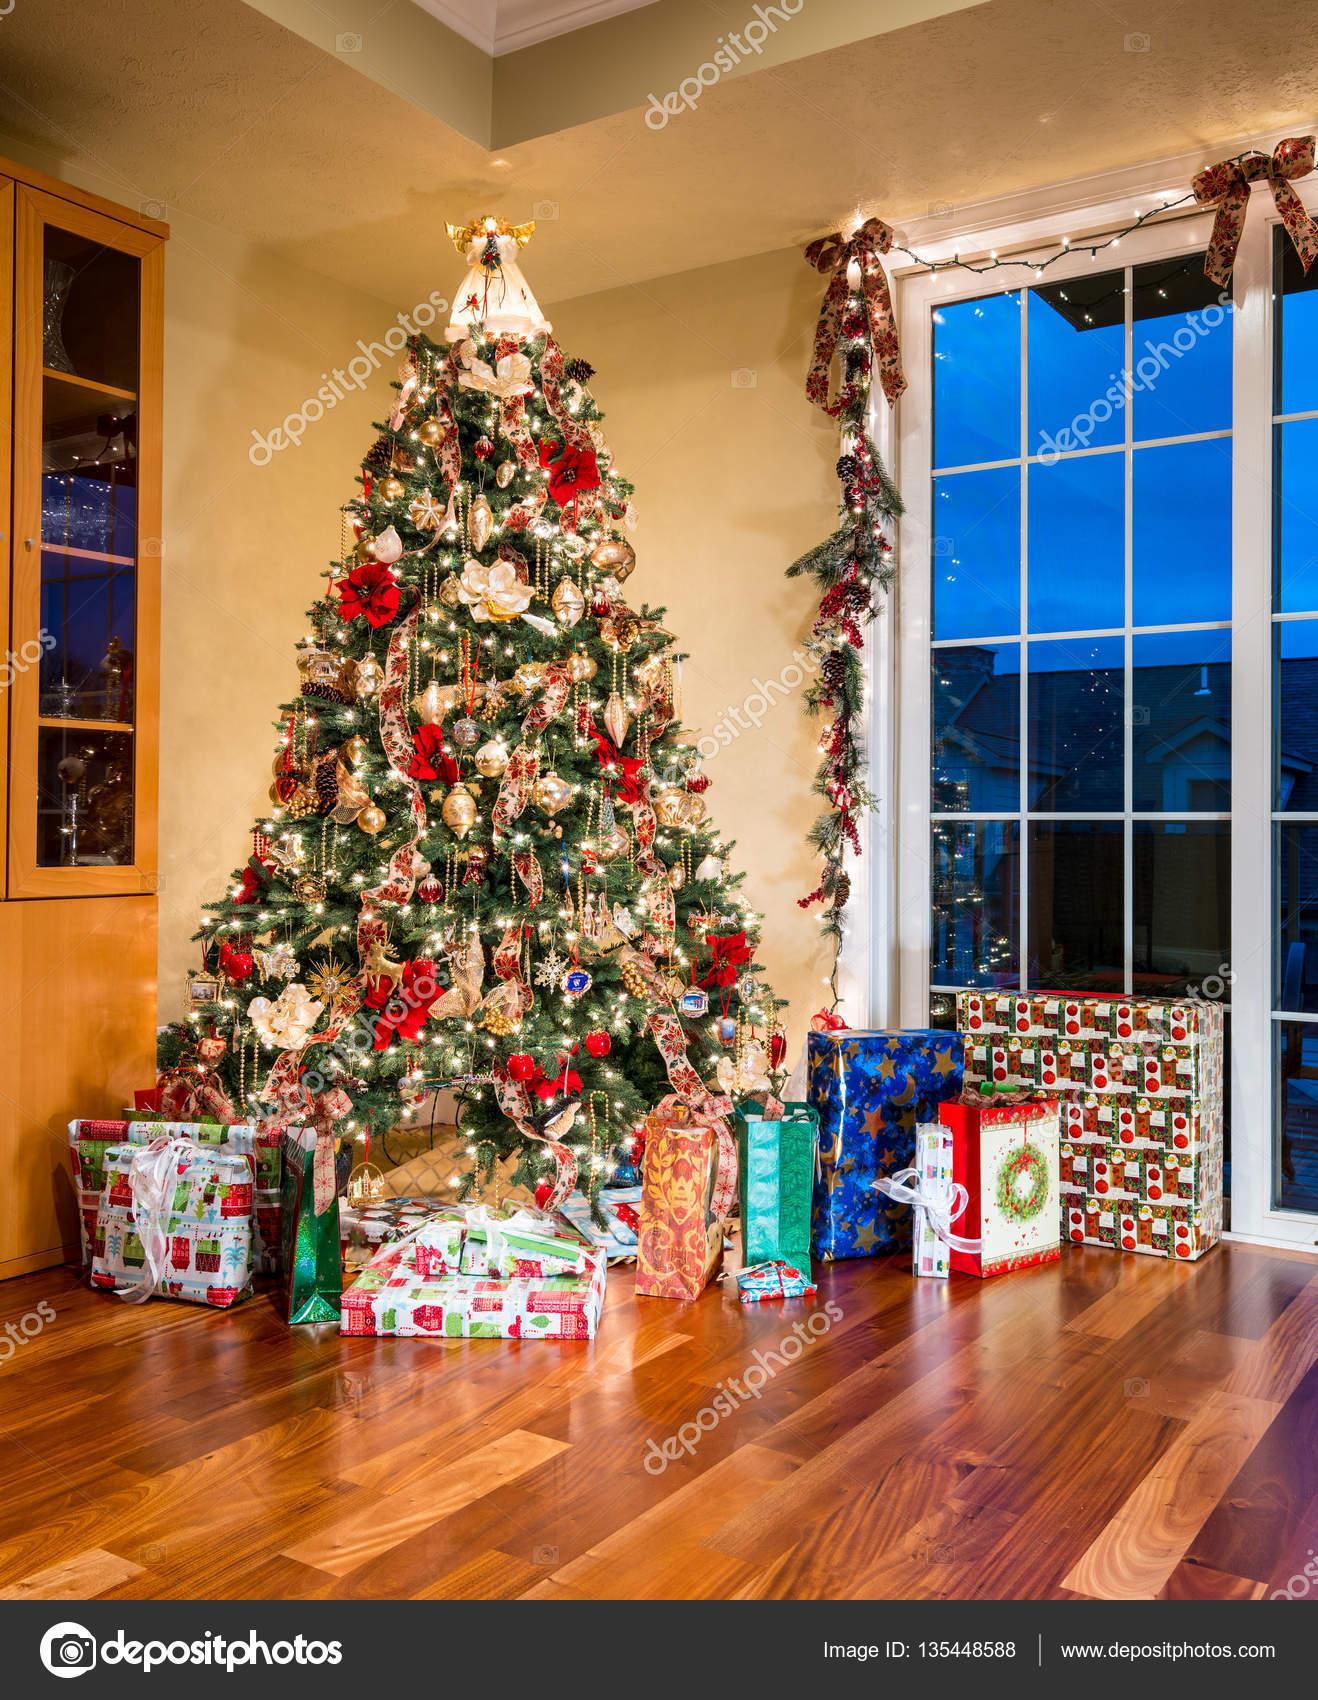 Decorazioni natalizie per casa moderna